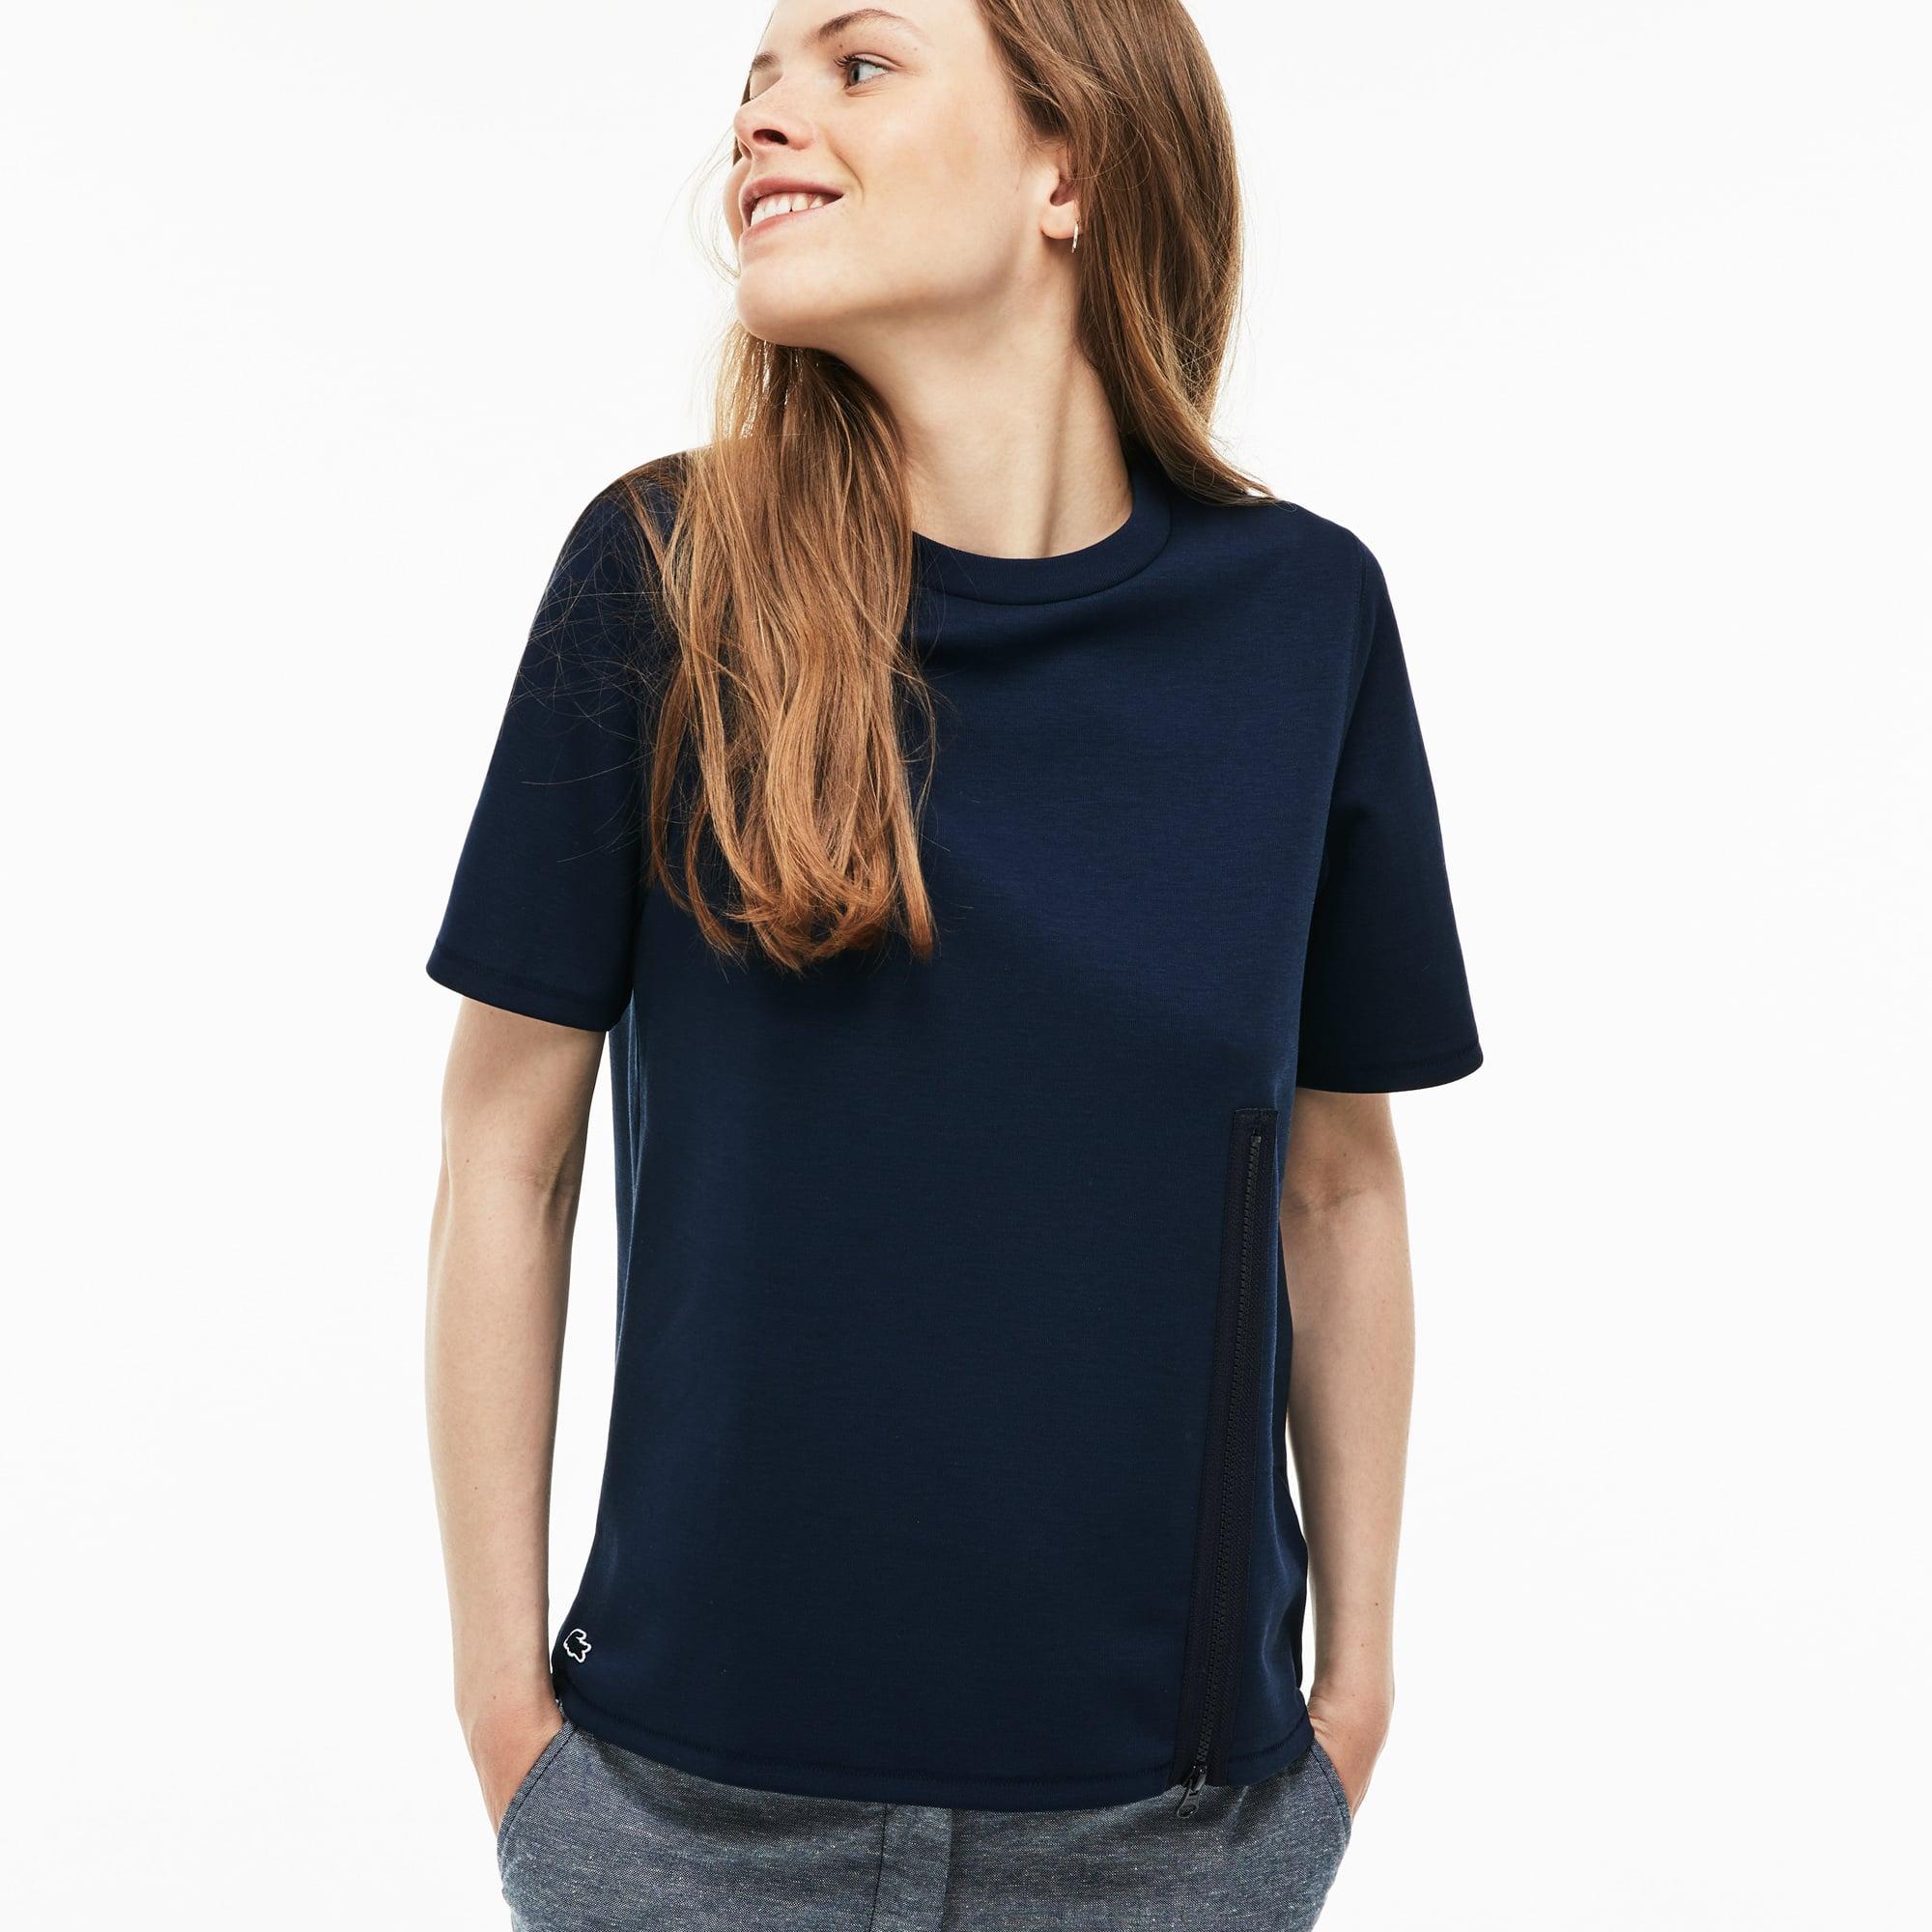 Women's Lacoste LIVE Crew Neck Jersey Zip T-shirt